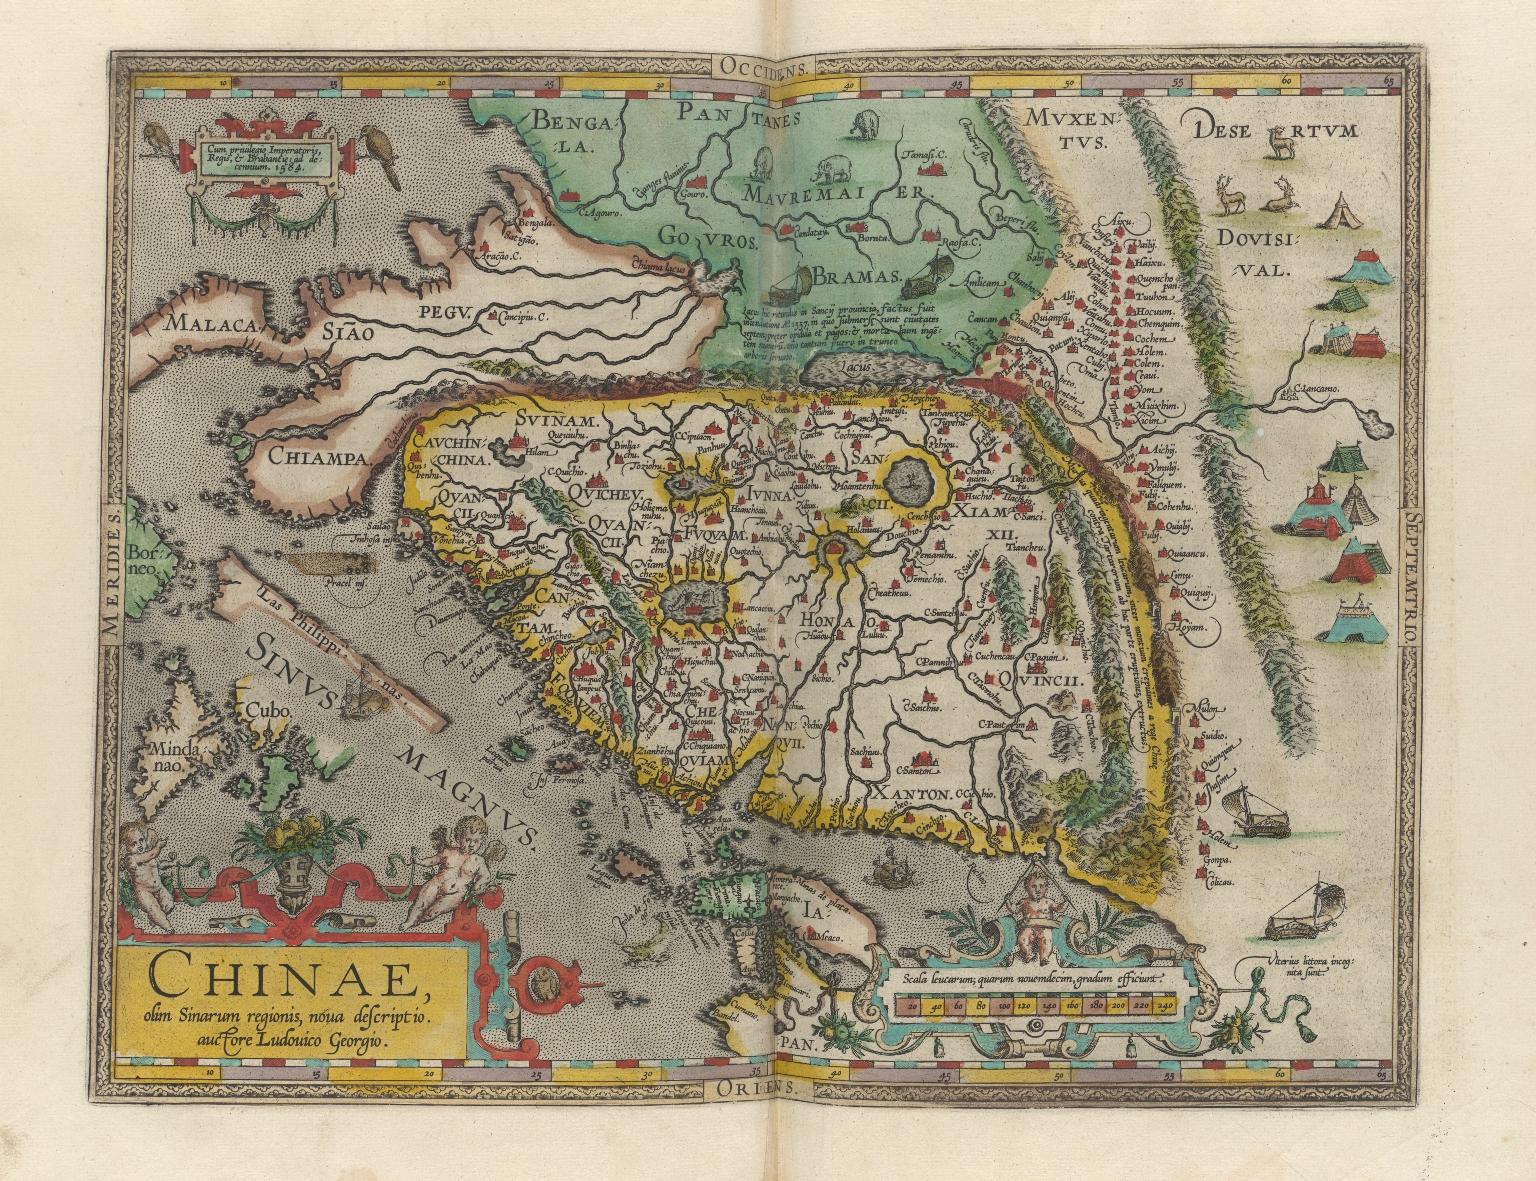 Chinae : olim Sinarum regionis, nova descriptio